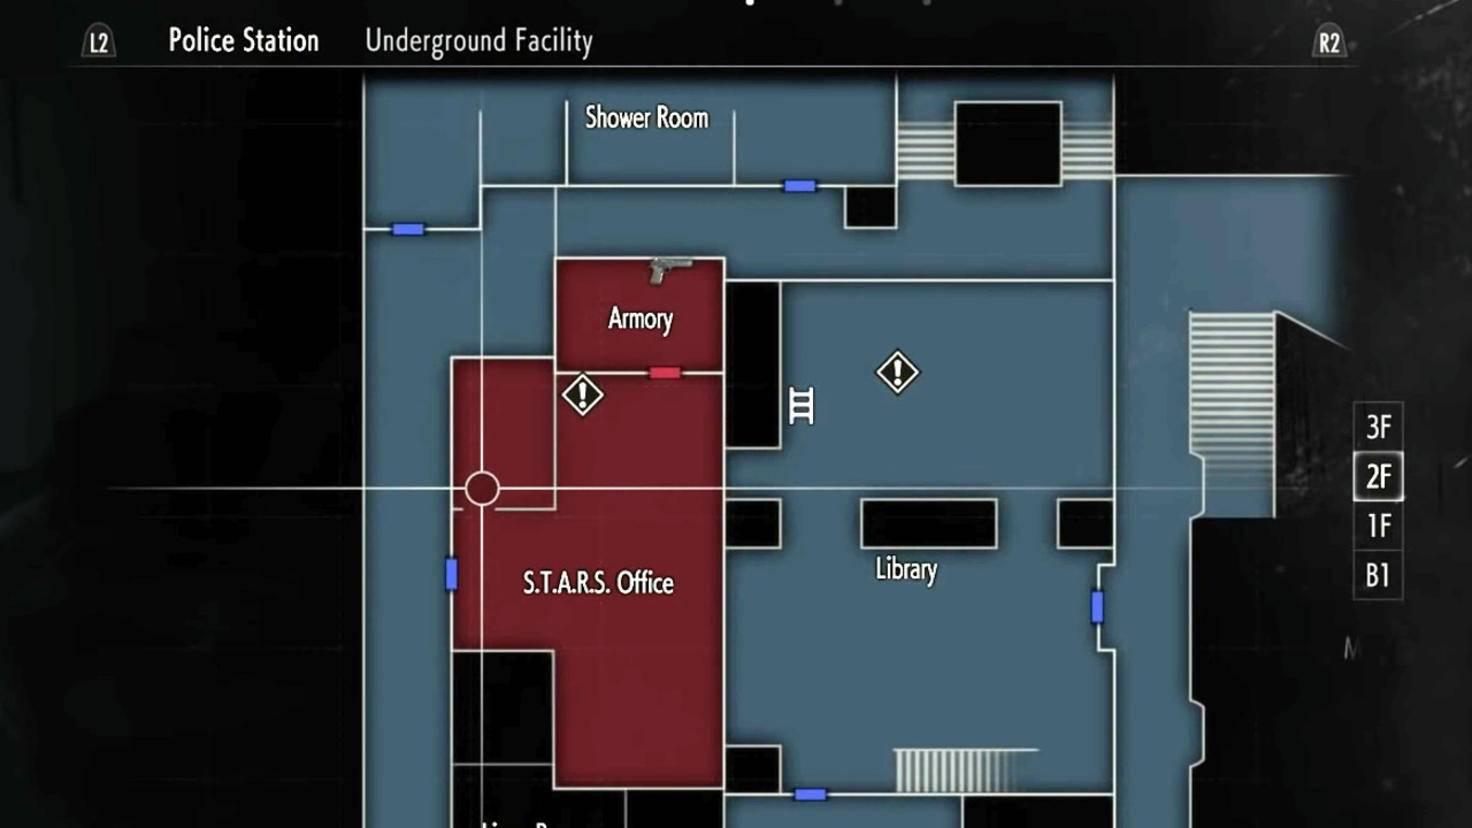 Die Batterie aus dem S.T.A.R.S.-Büro ist der zweite Bestandteil, den Du zum Zünden der C4-Ladung brauchst.